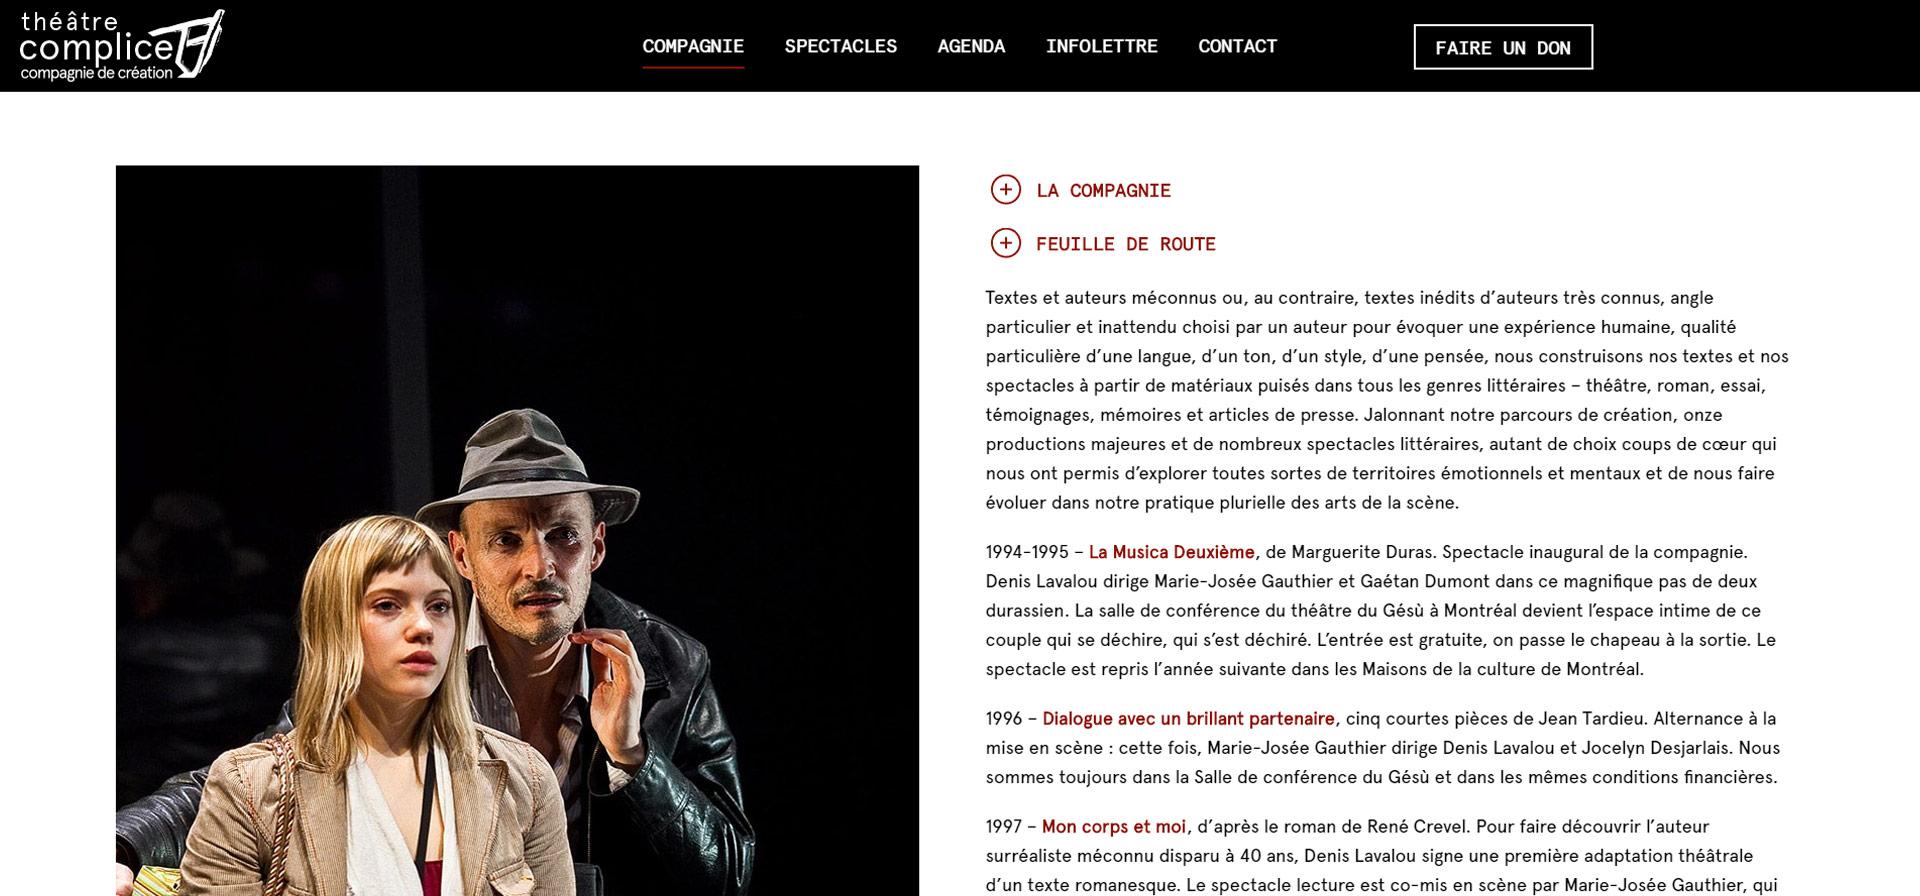 theatre-complice-2